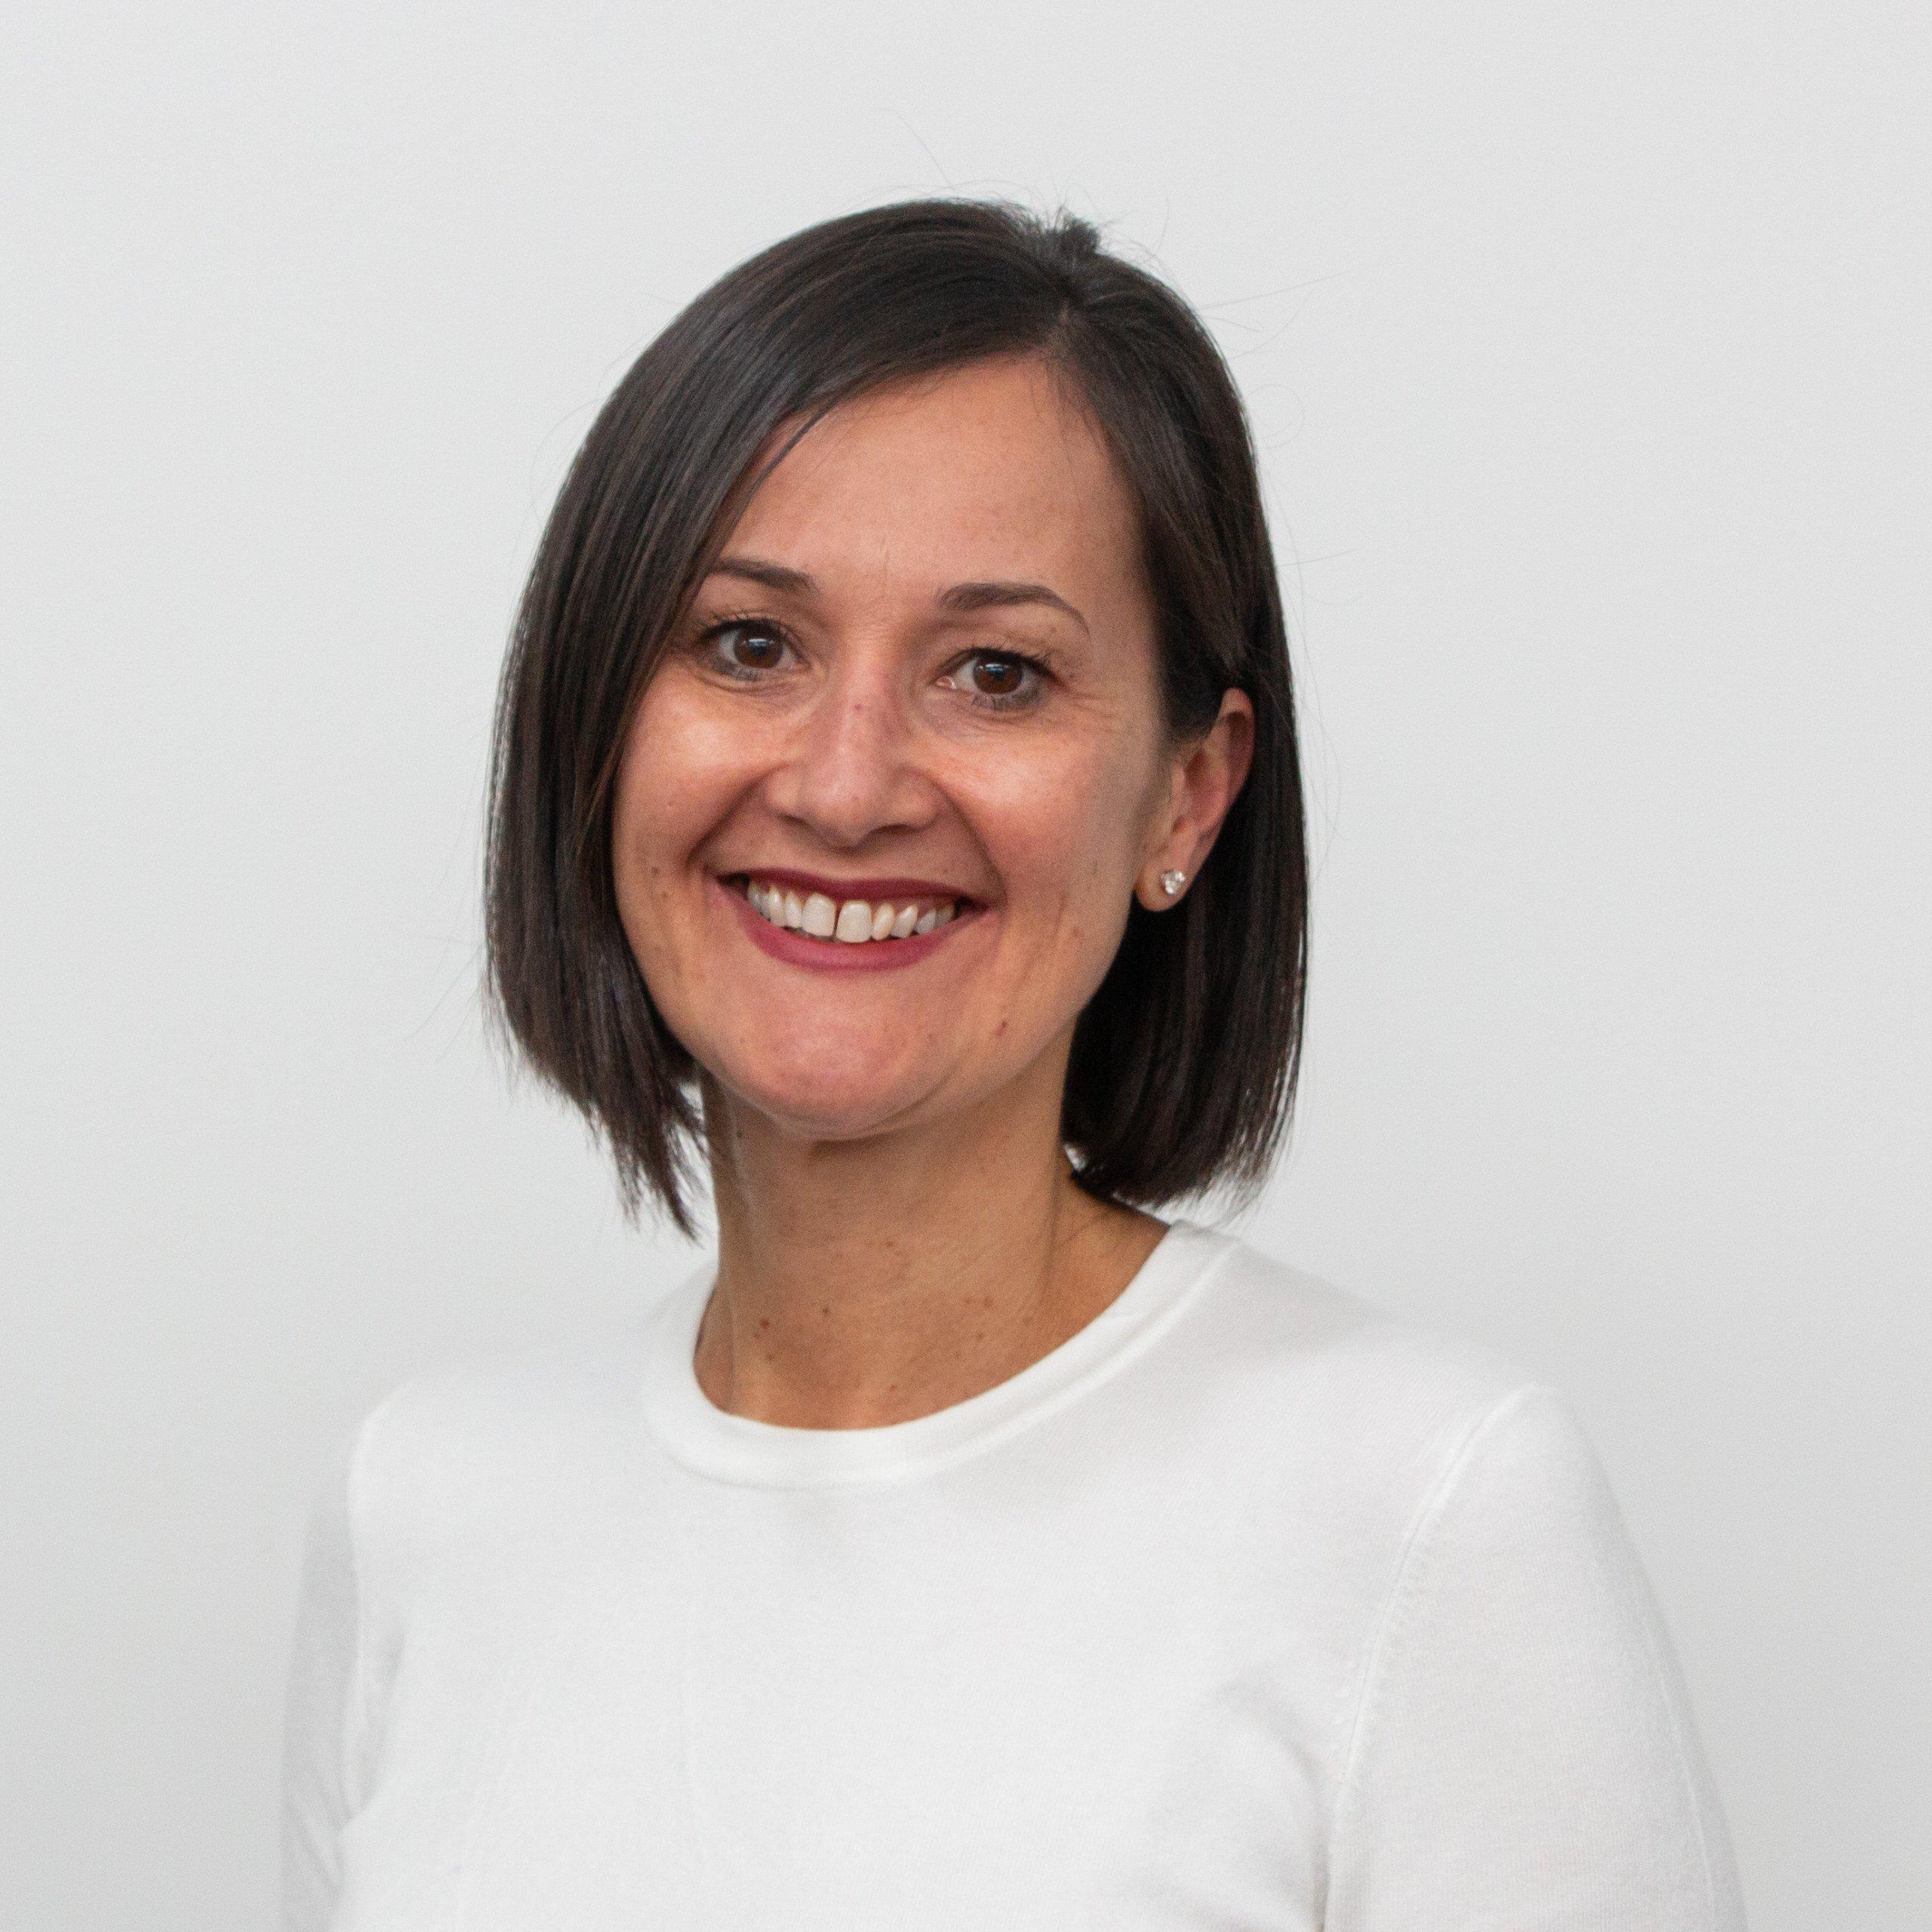 Karen Clancy